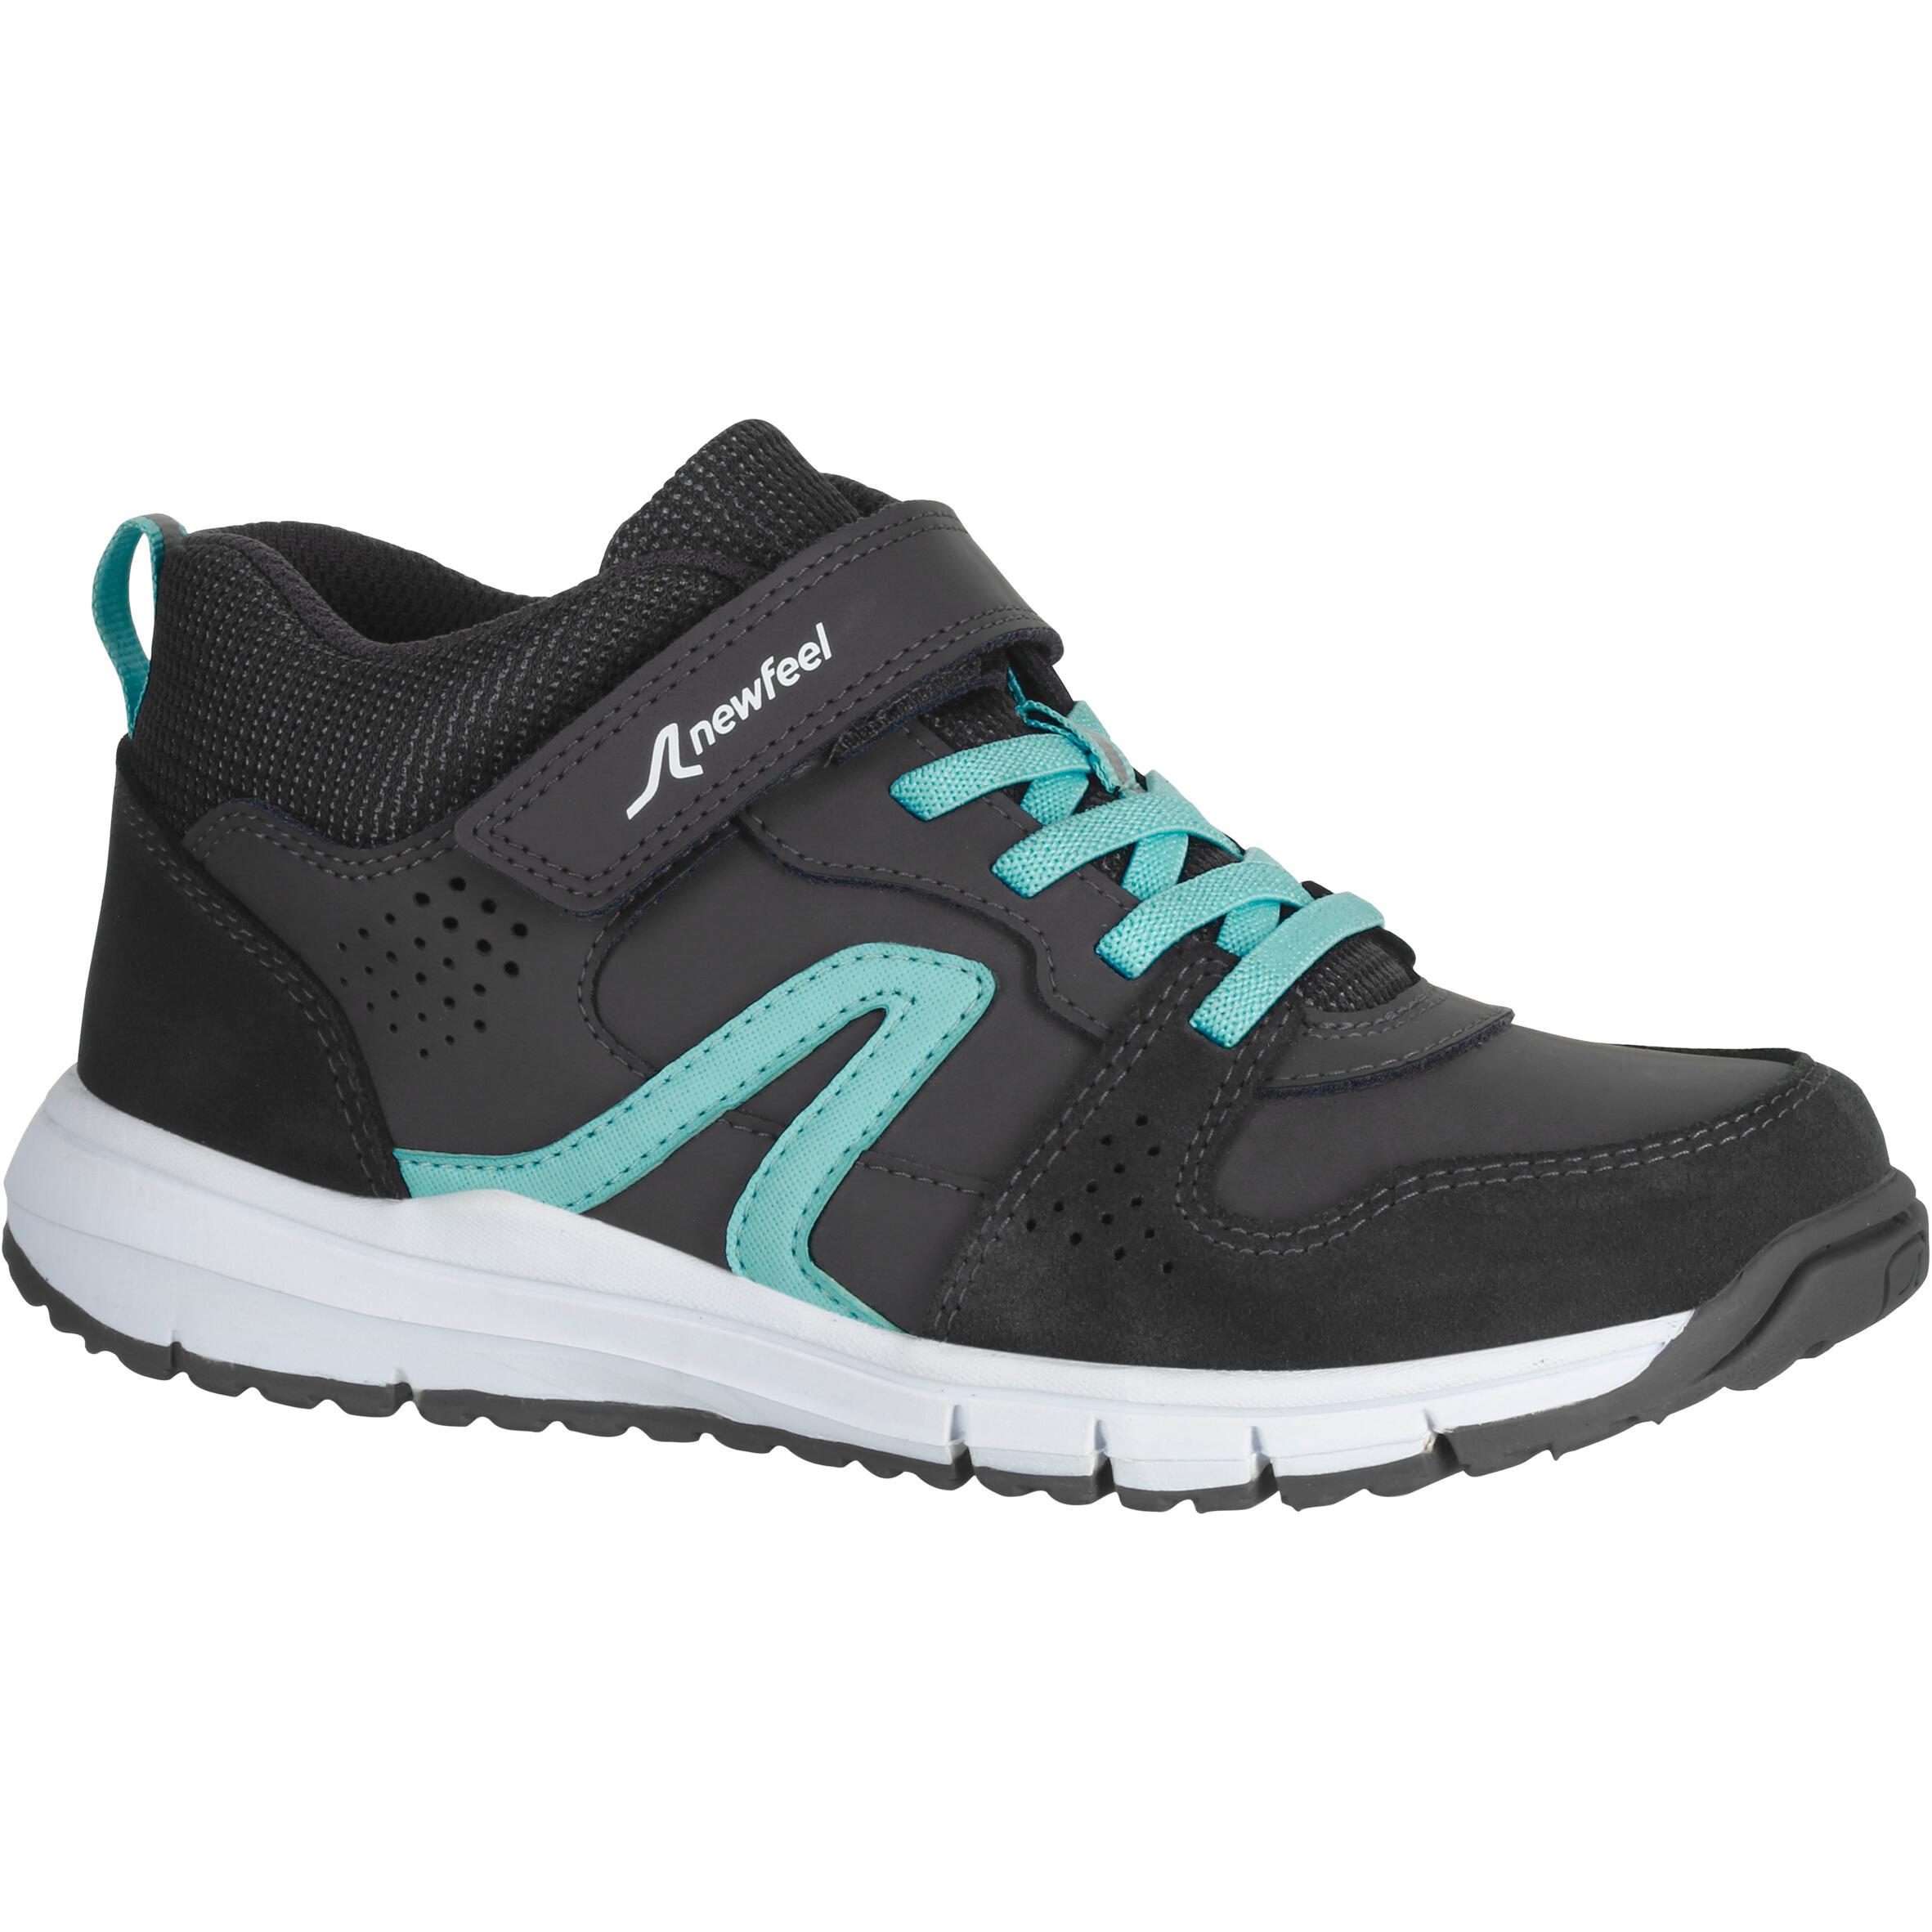 Newfeel Kinderschoenen voor sportief wandelen Protect 560